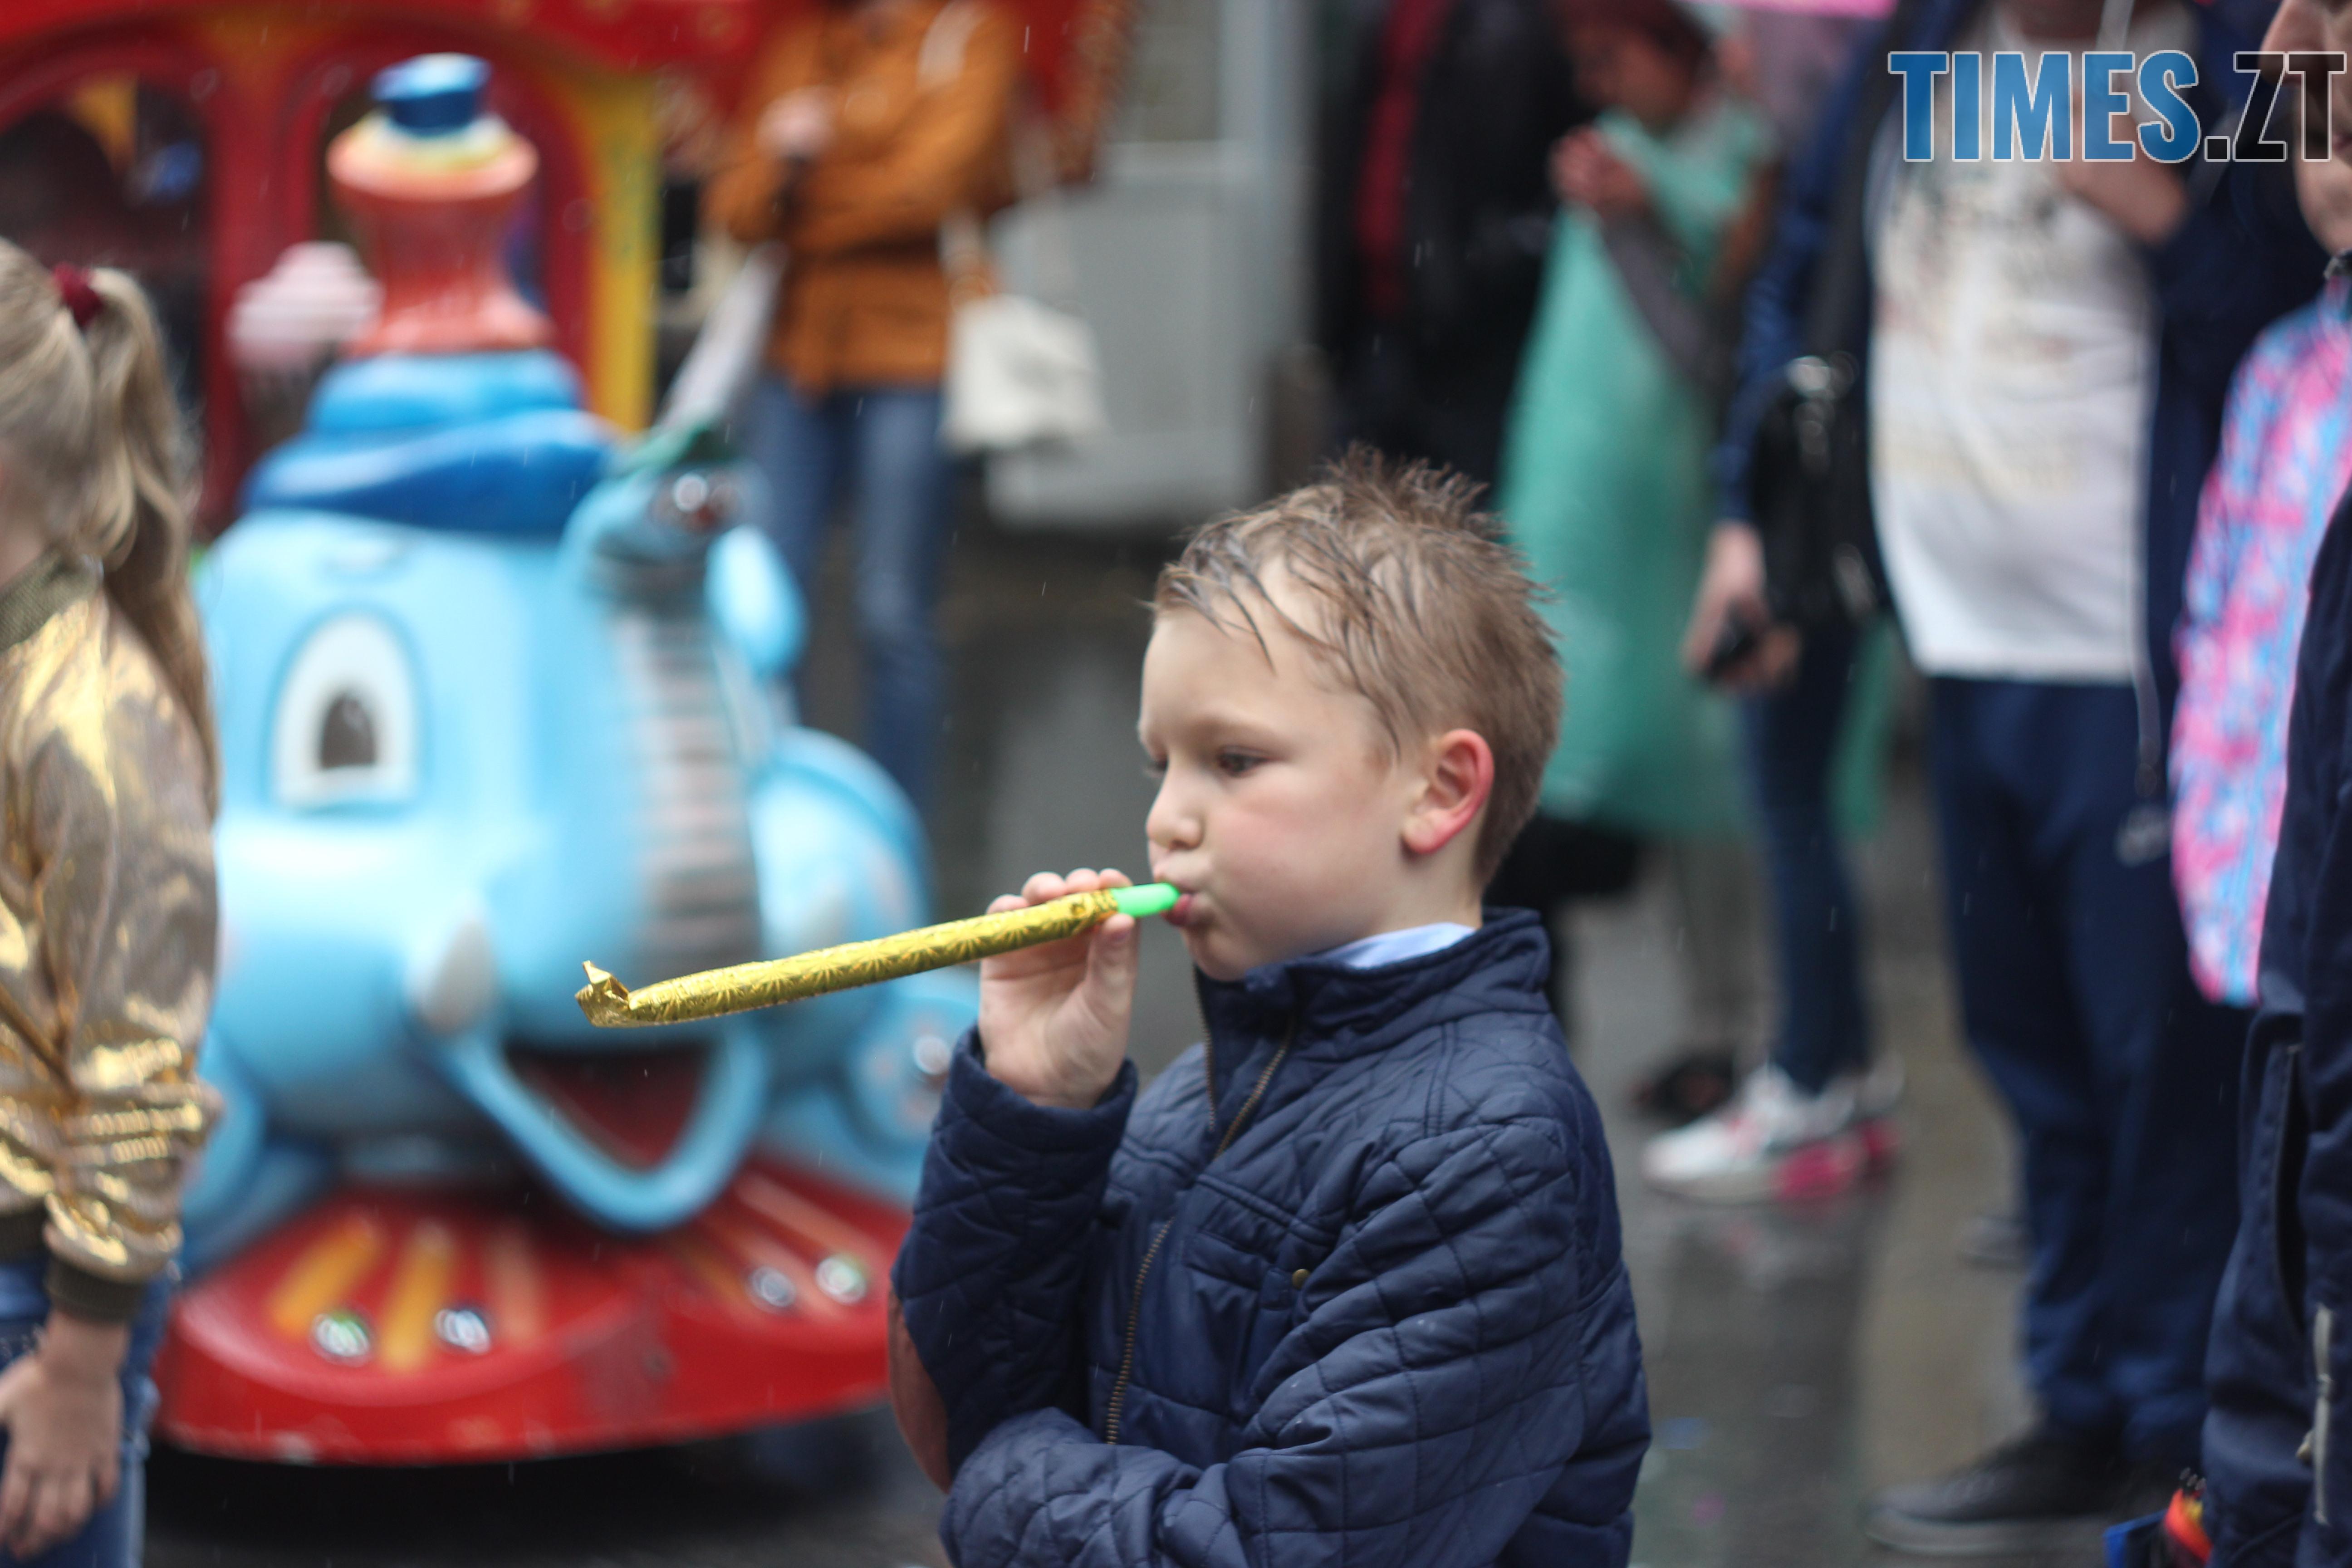 IMG 9701 - Дитячі розваги на Михайлівській: маленькі житомиряни святкують День міста (ФОТО)